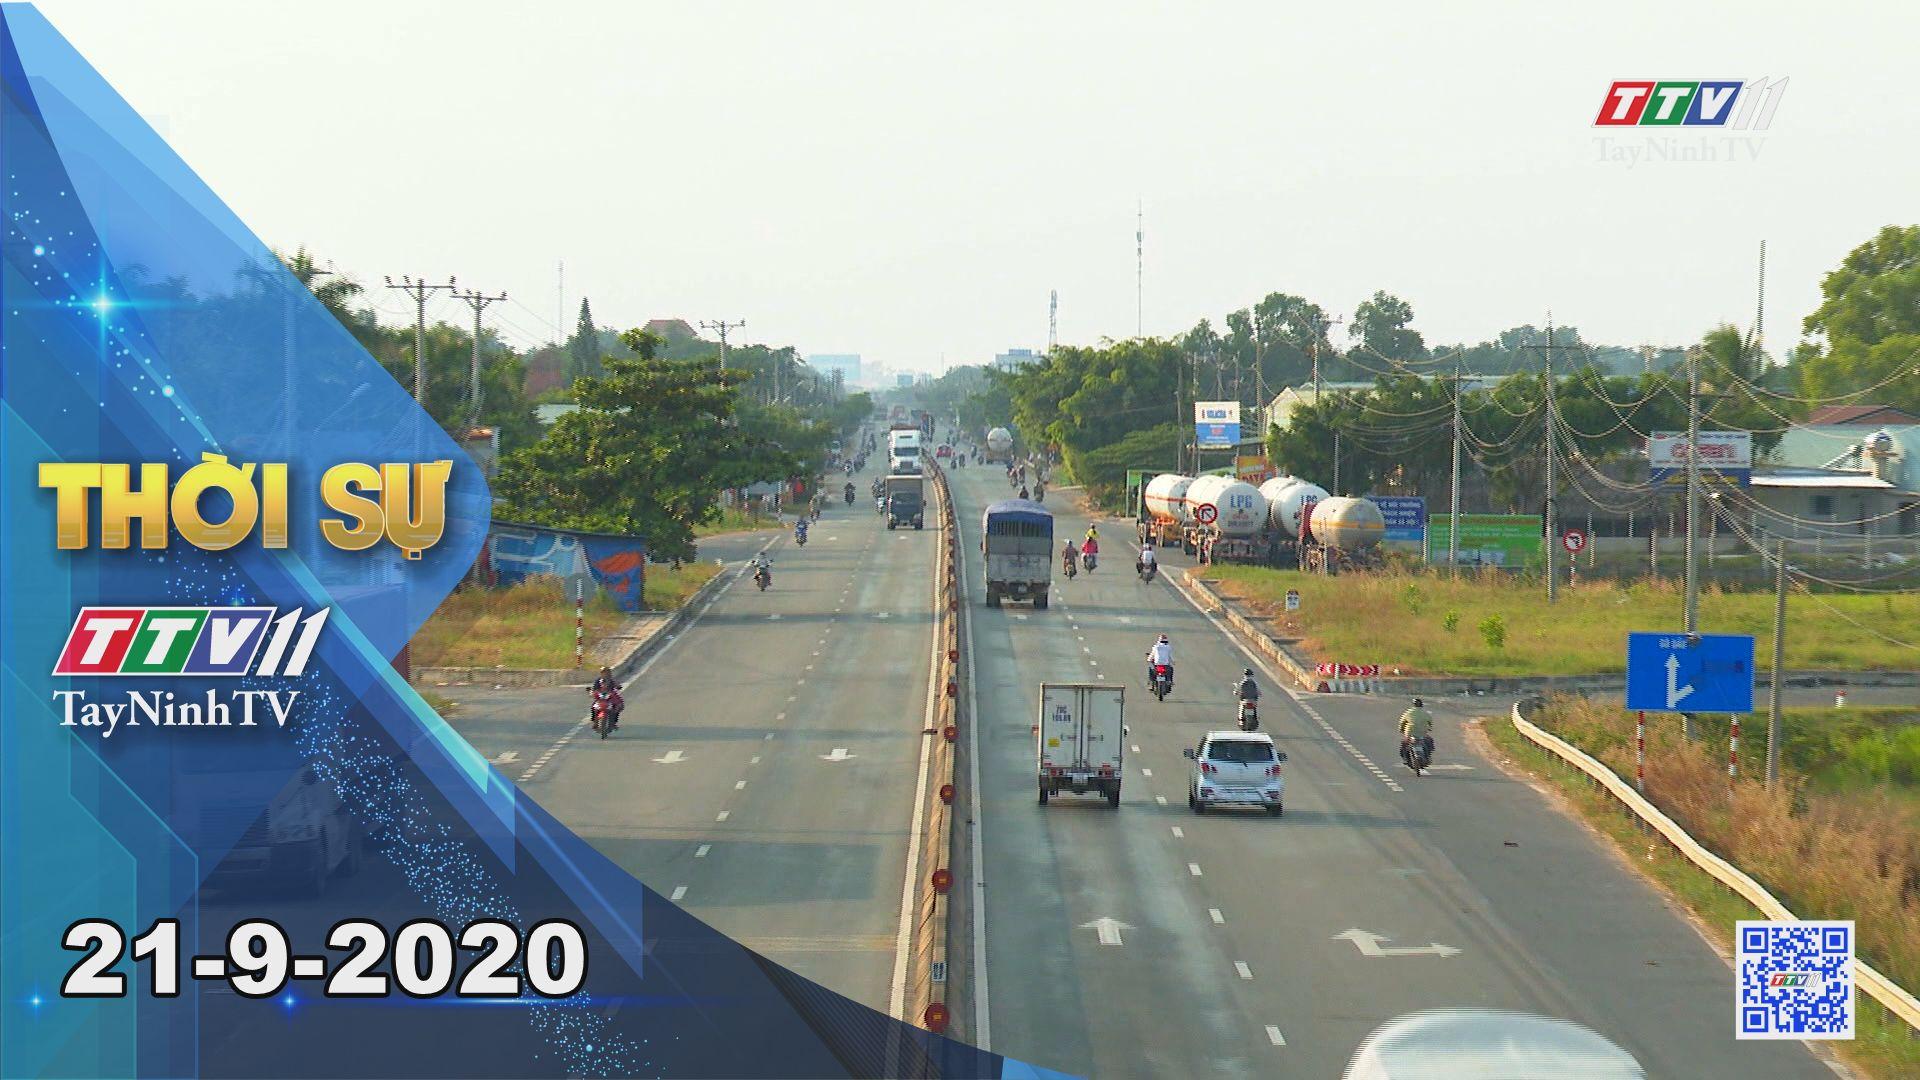 Thời sự Tây Ninh 21-9-2020 | Tin tức hôm nay | TayNinhTV